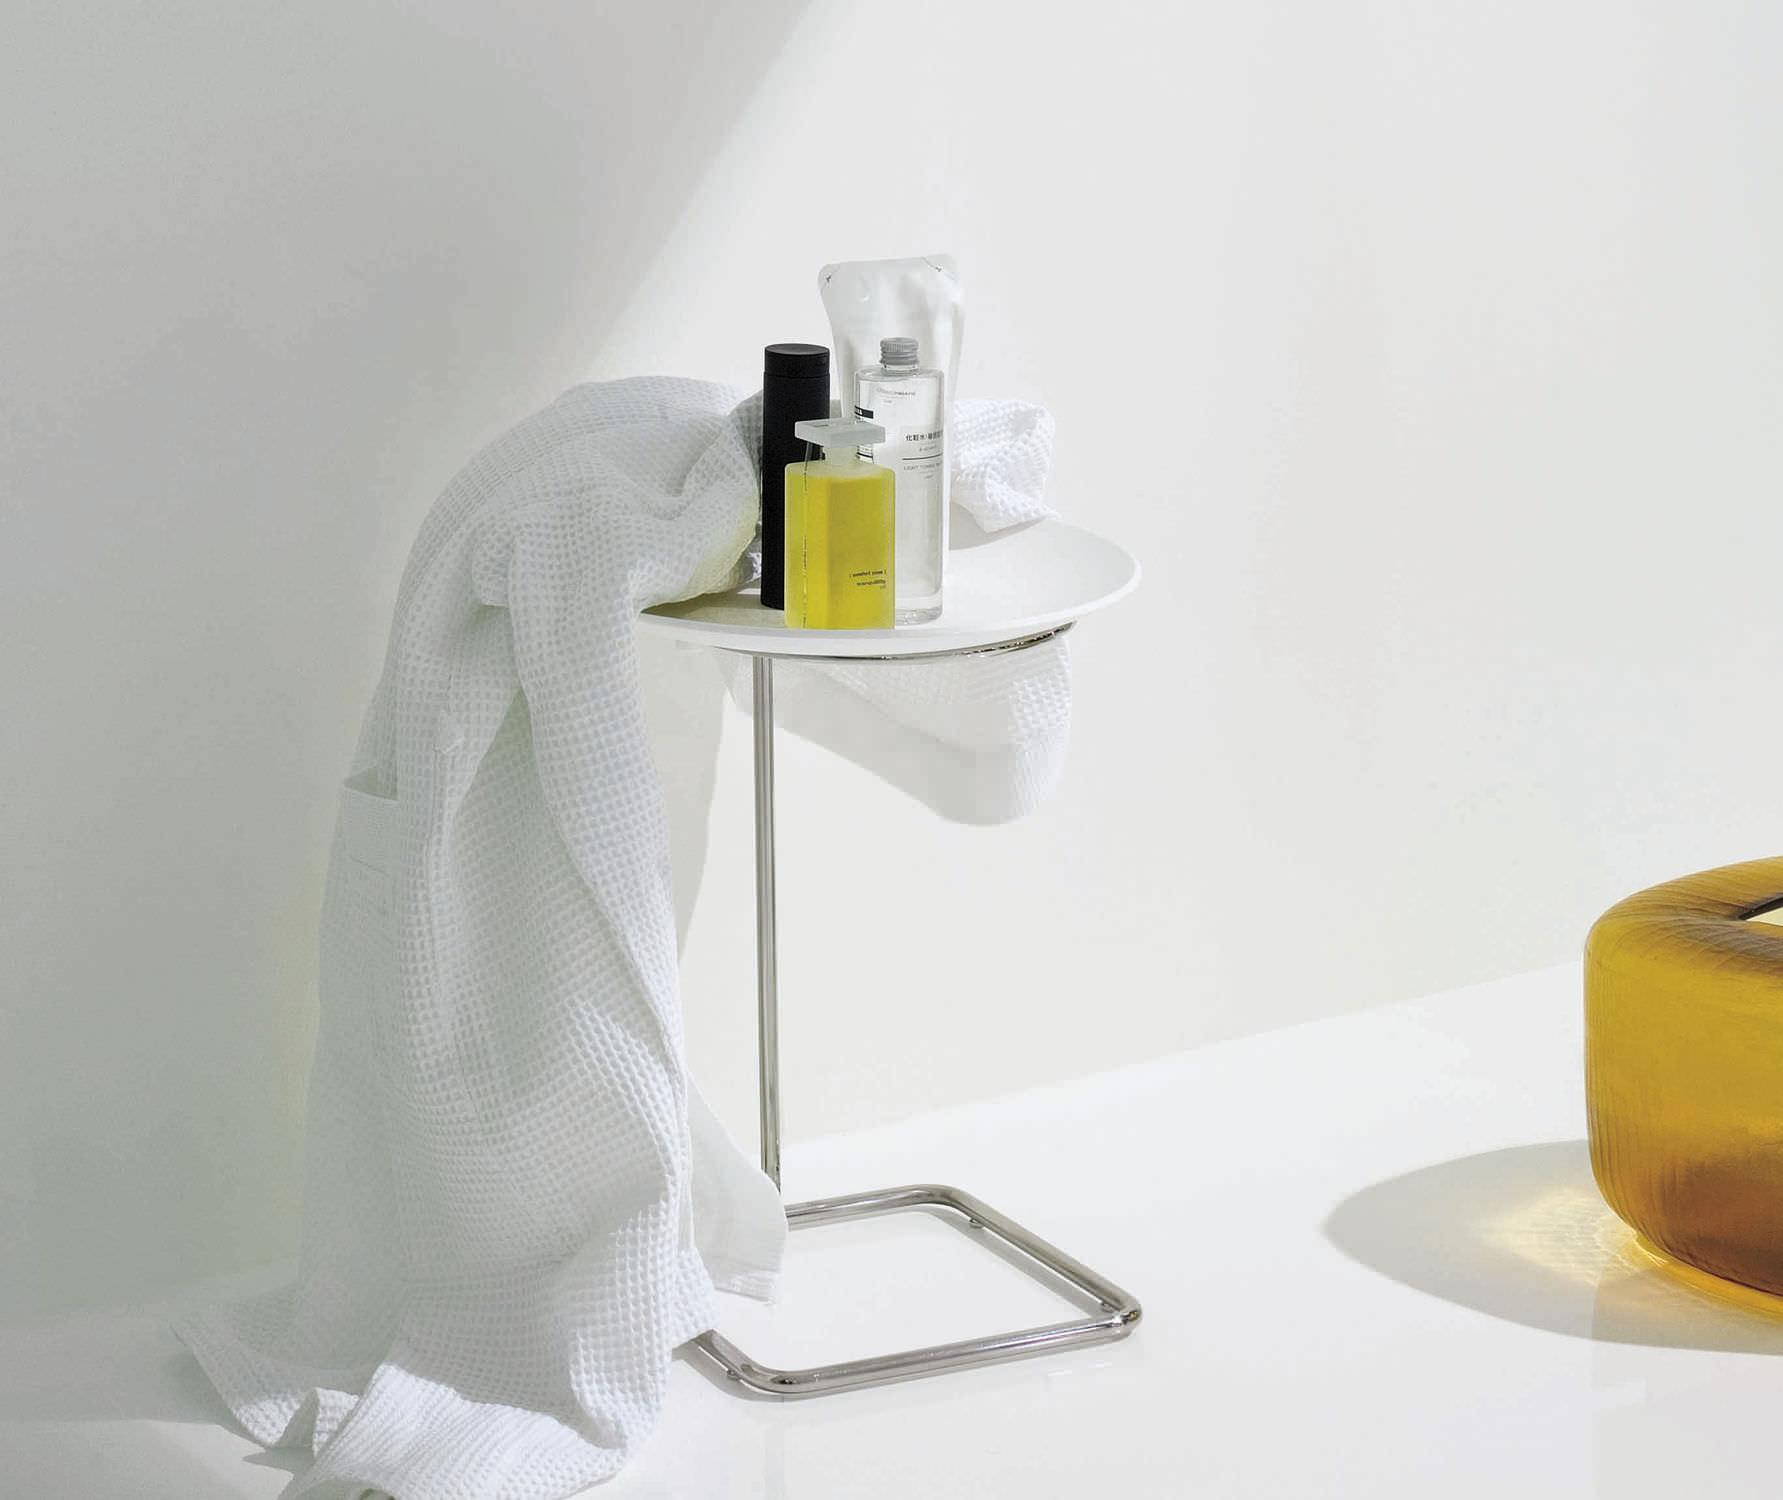 Accesorios para bano marca kohler ispirazione di design - Sonia accesorios de bano ...